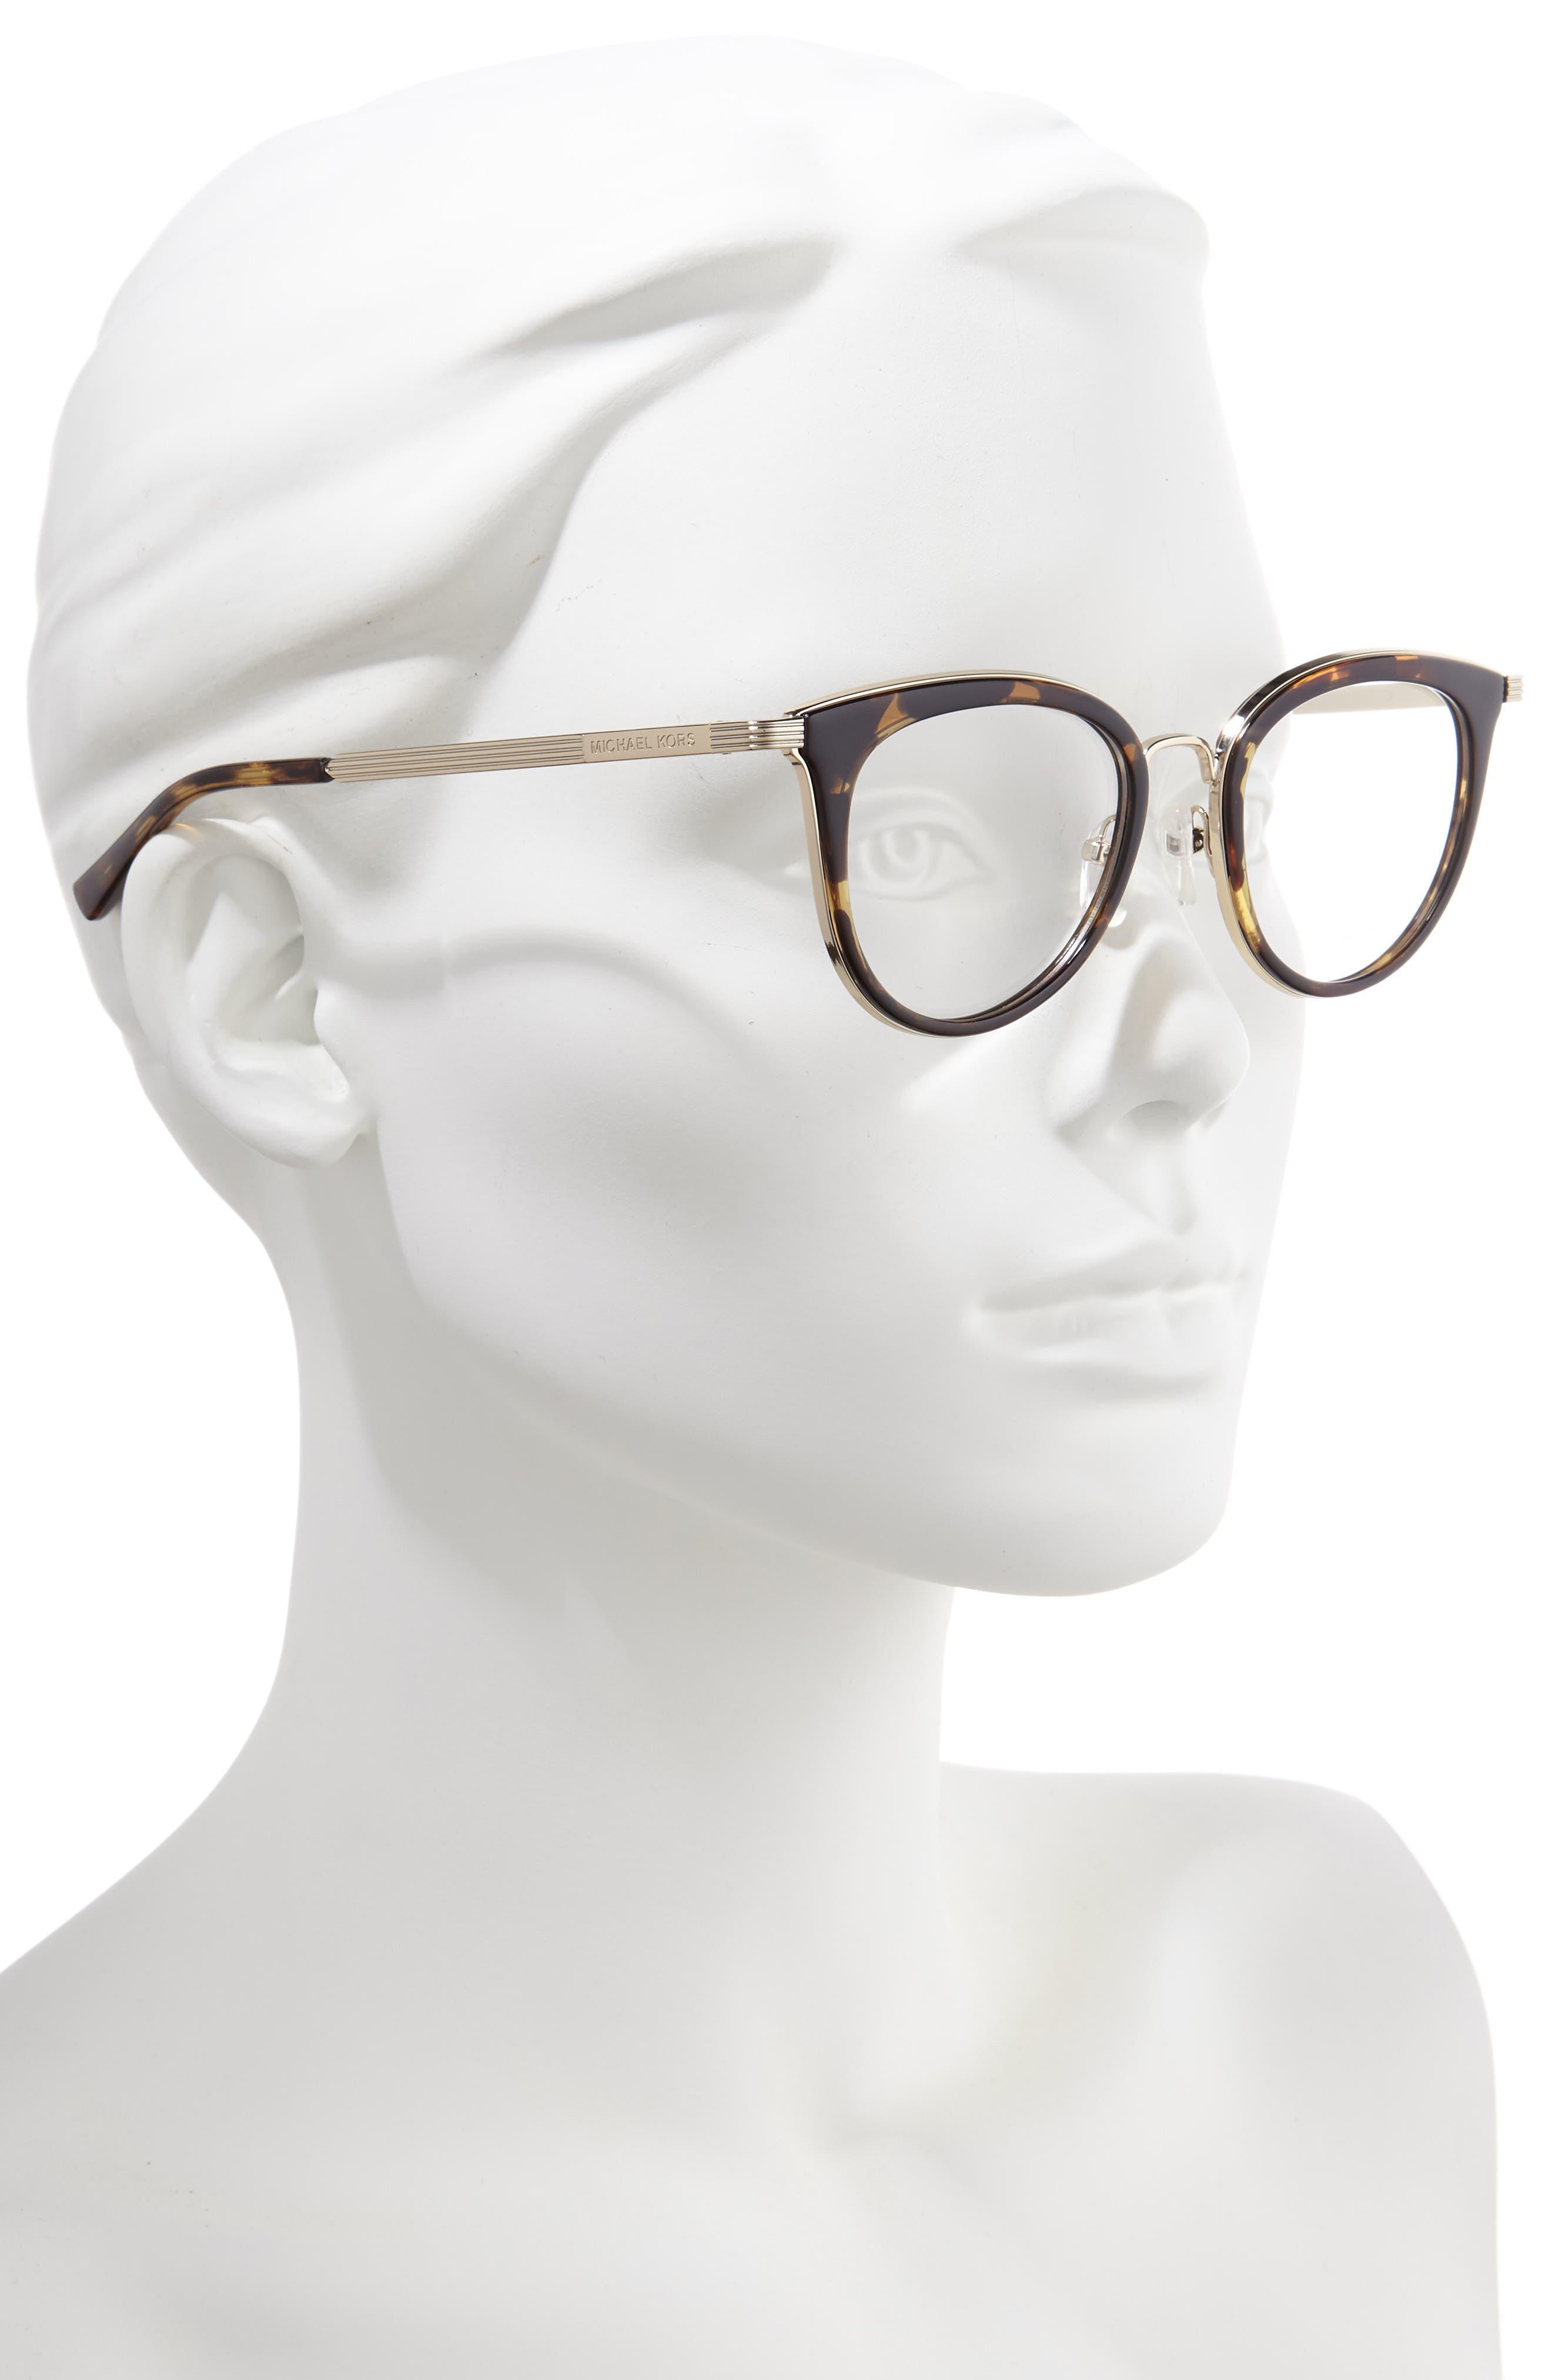 50mm Optical Glasses,                             Alternate thumbnail 2, color,                             HAVANA/ LITE GOLD